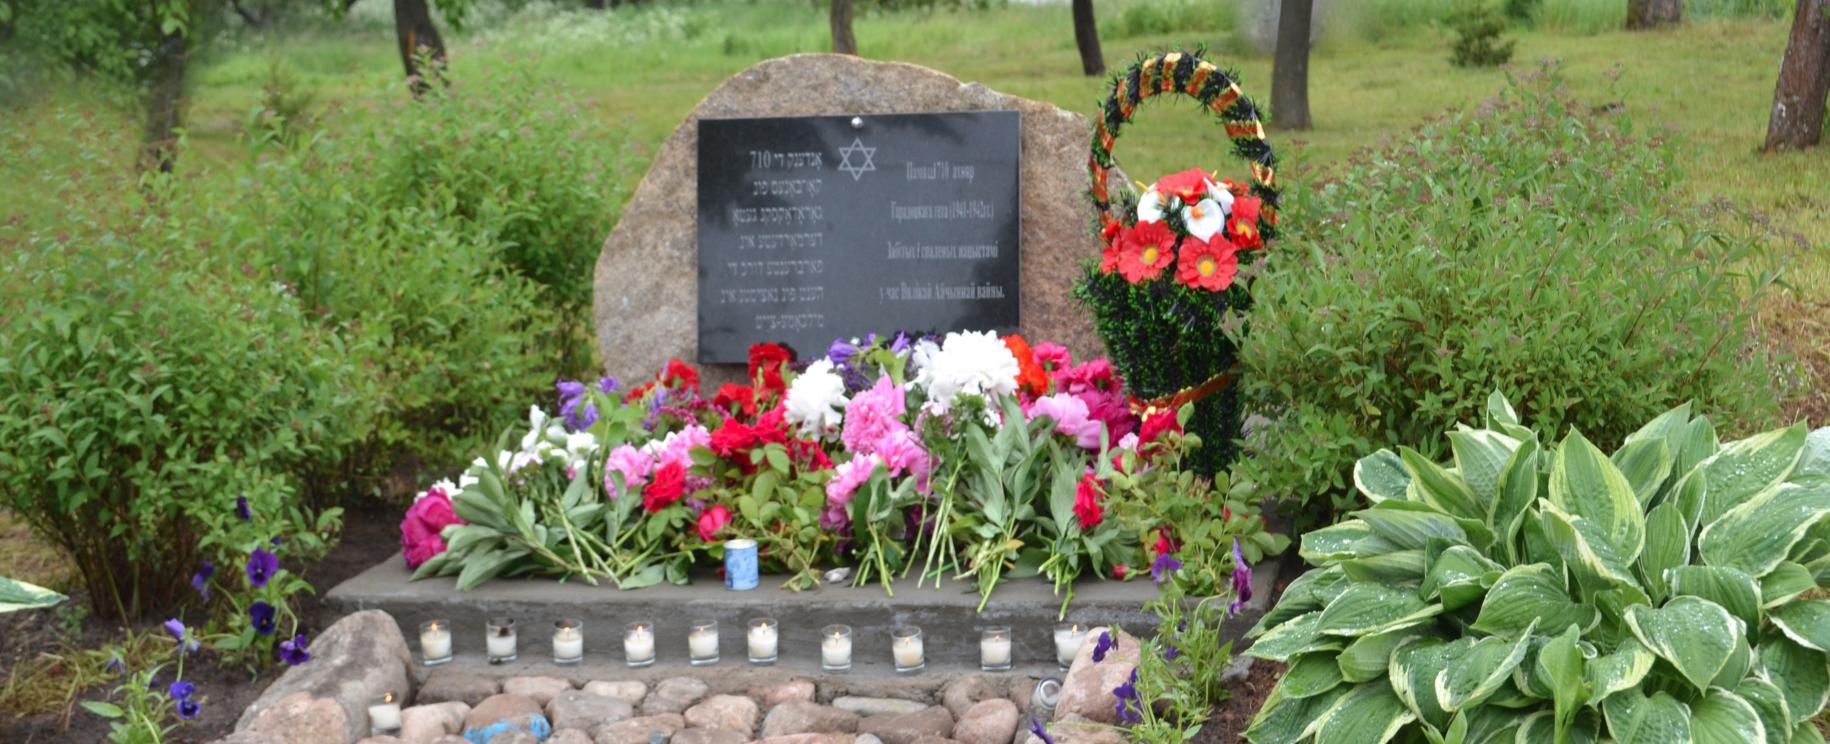 Камень памяти жертв нацизма в деревне Городок